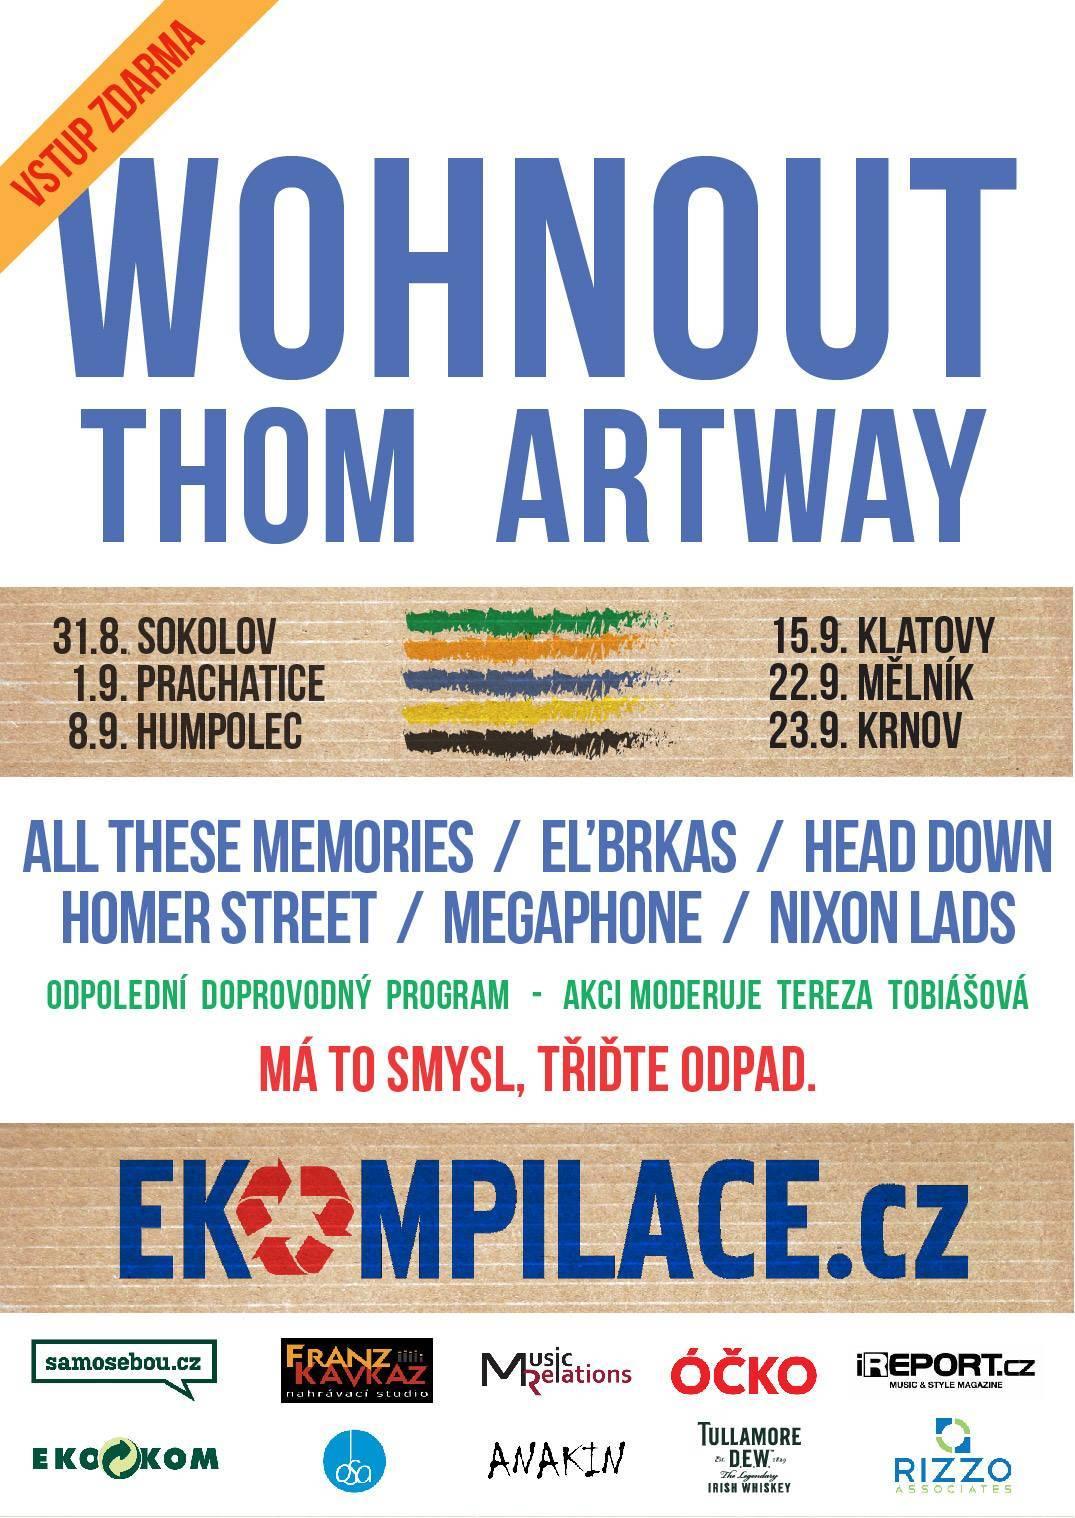 Ekompilace má před sebou pátý ročník, letos vystoupí Wohnout a Thom Artway